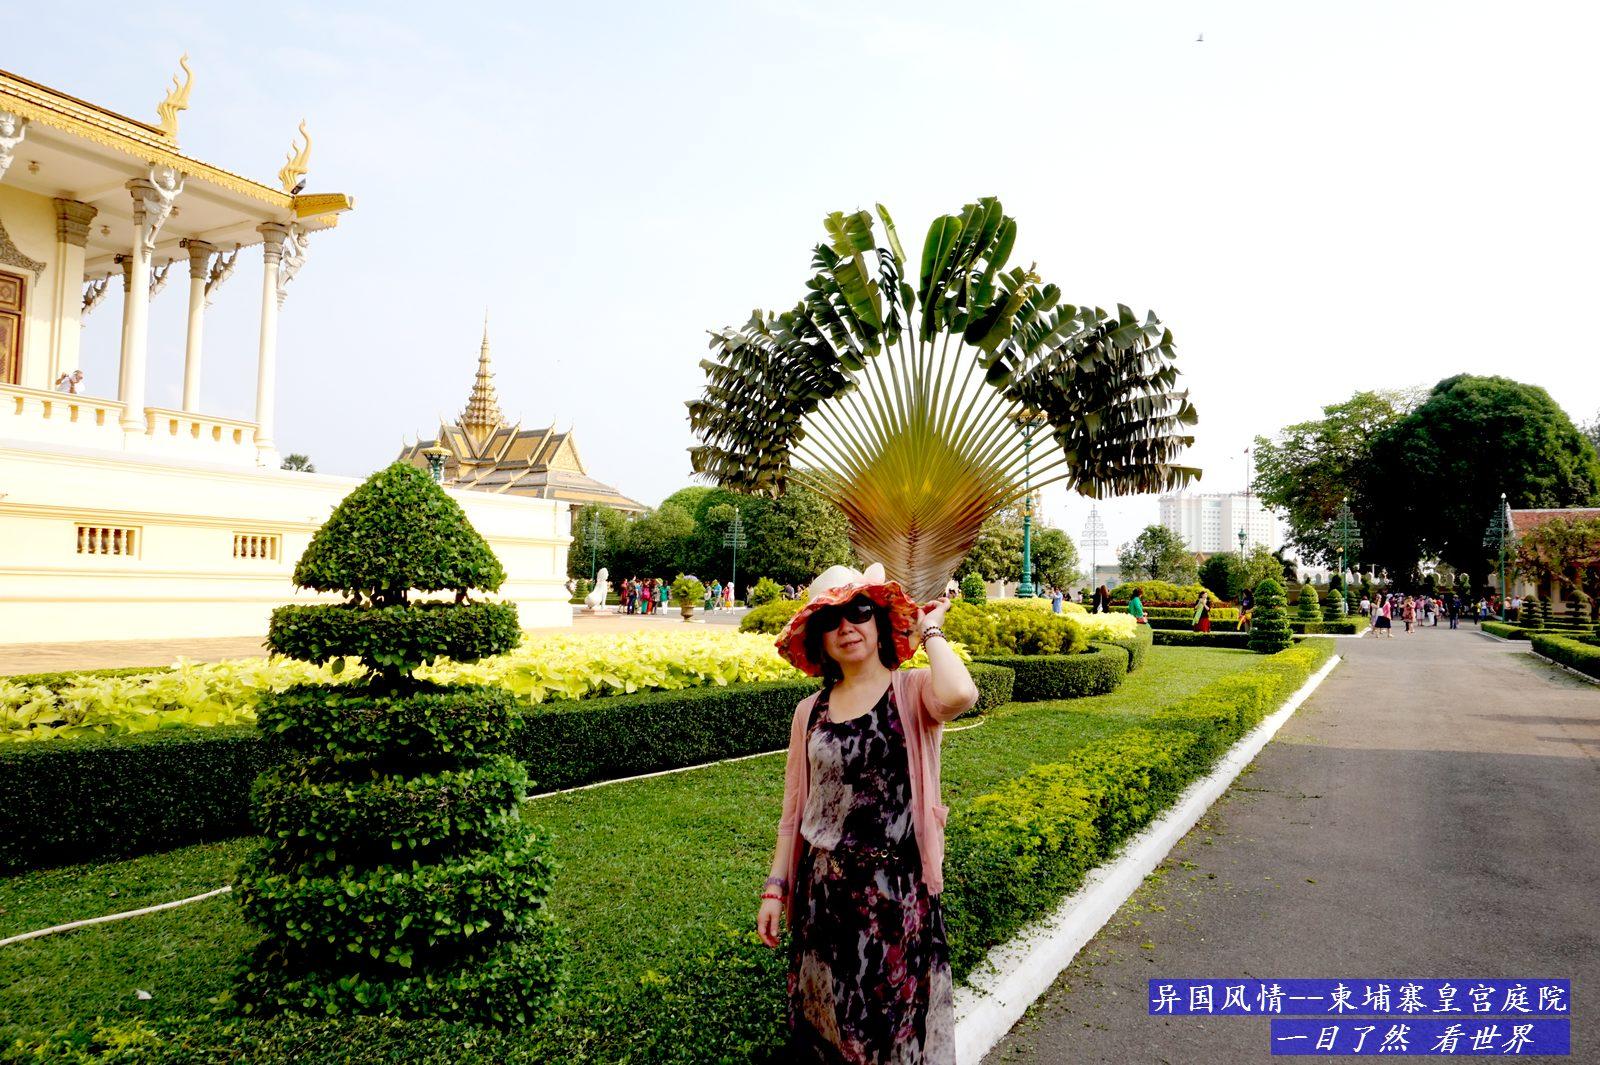 柬埔寨皇宫-44-1600.jpg